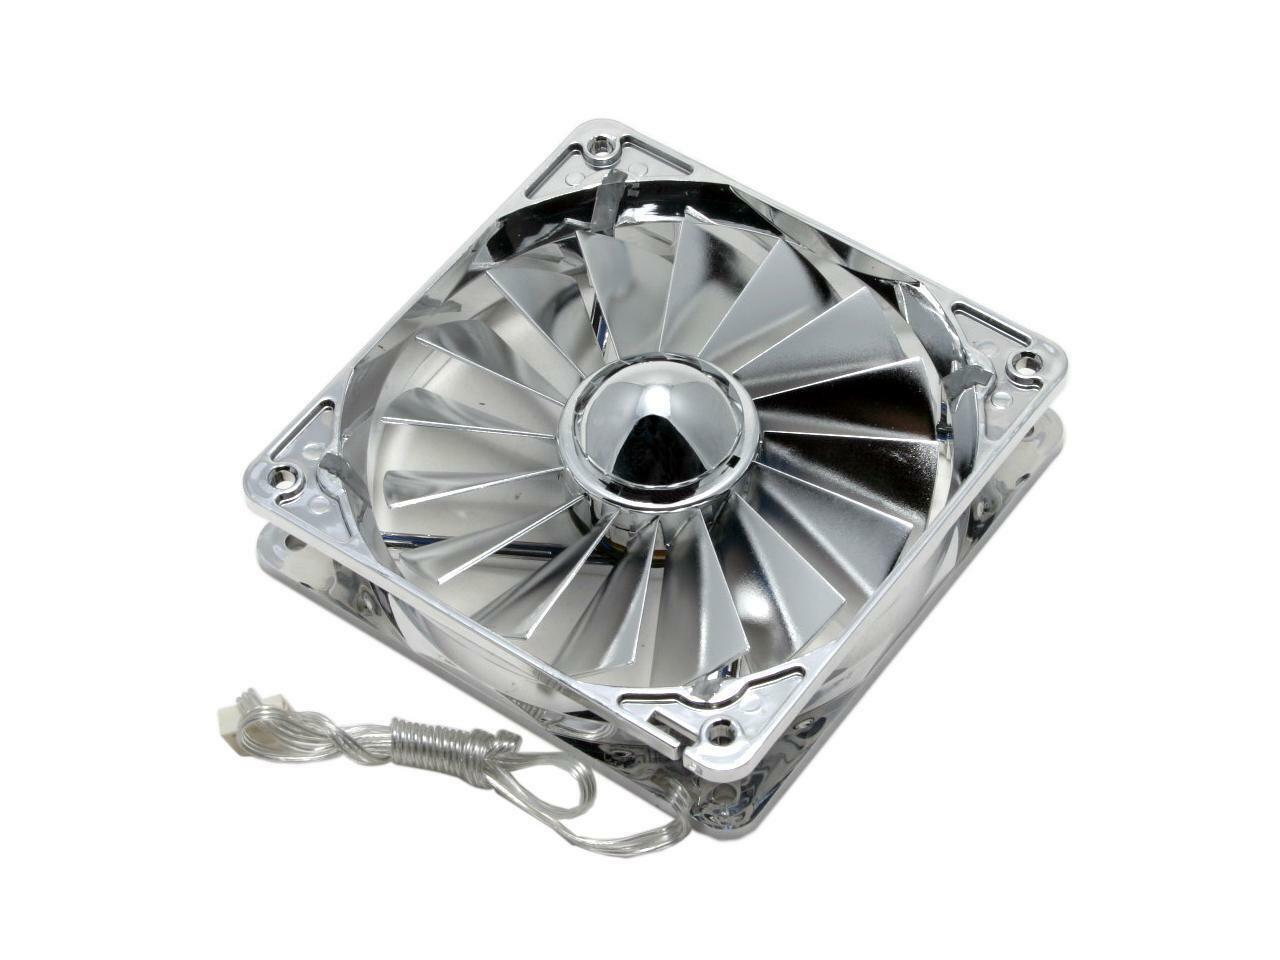 AeroCool TURBINE 1000 120mm Case Cooling Fan